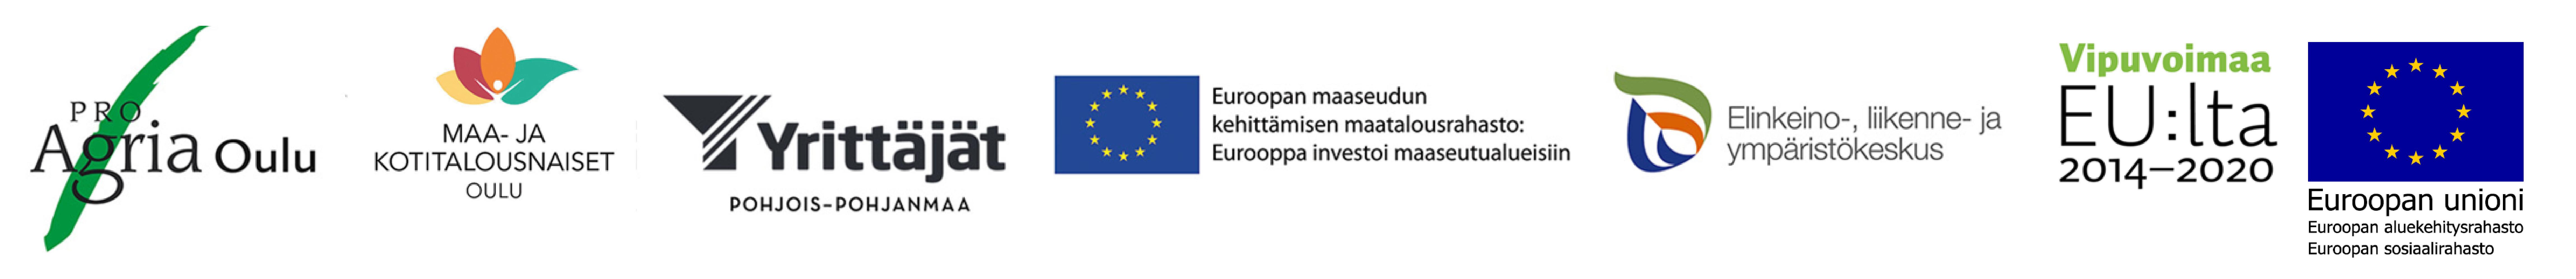 Avaimet yrittäjyyteen, Tästä selvitään ja Vieraskasvit hallintaan -hankkeet, järjestäjät ja rahoittajat